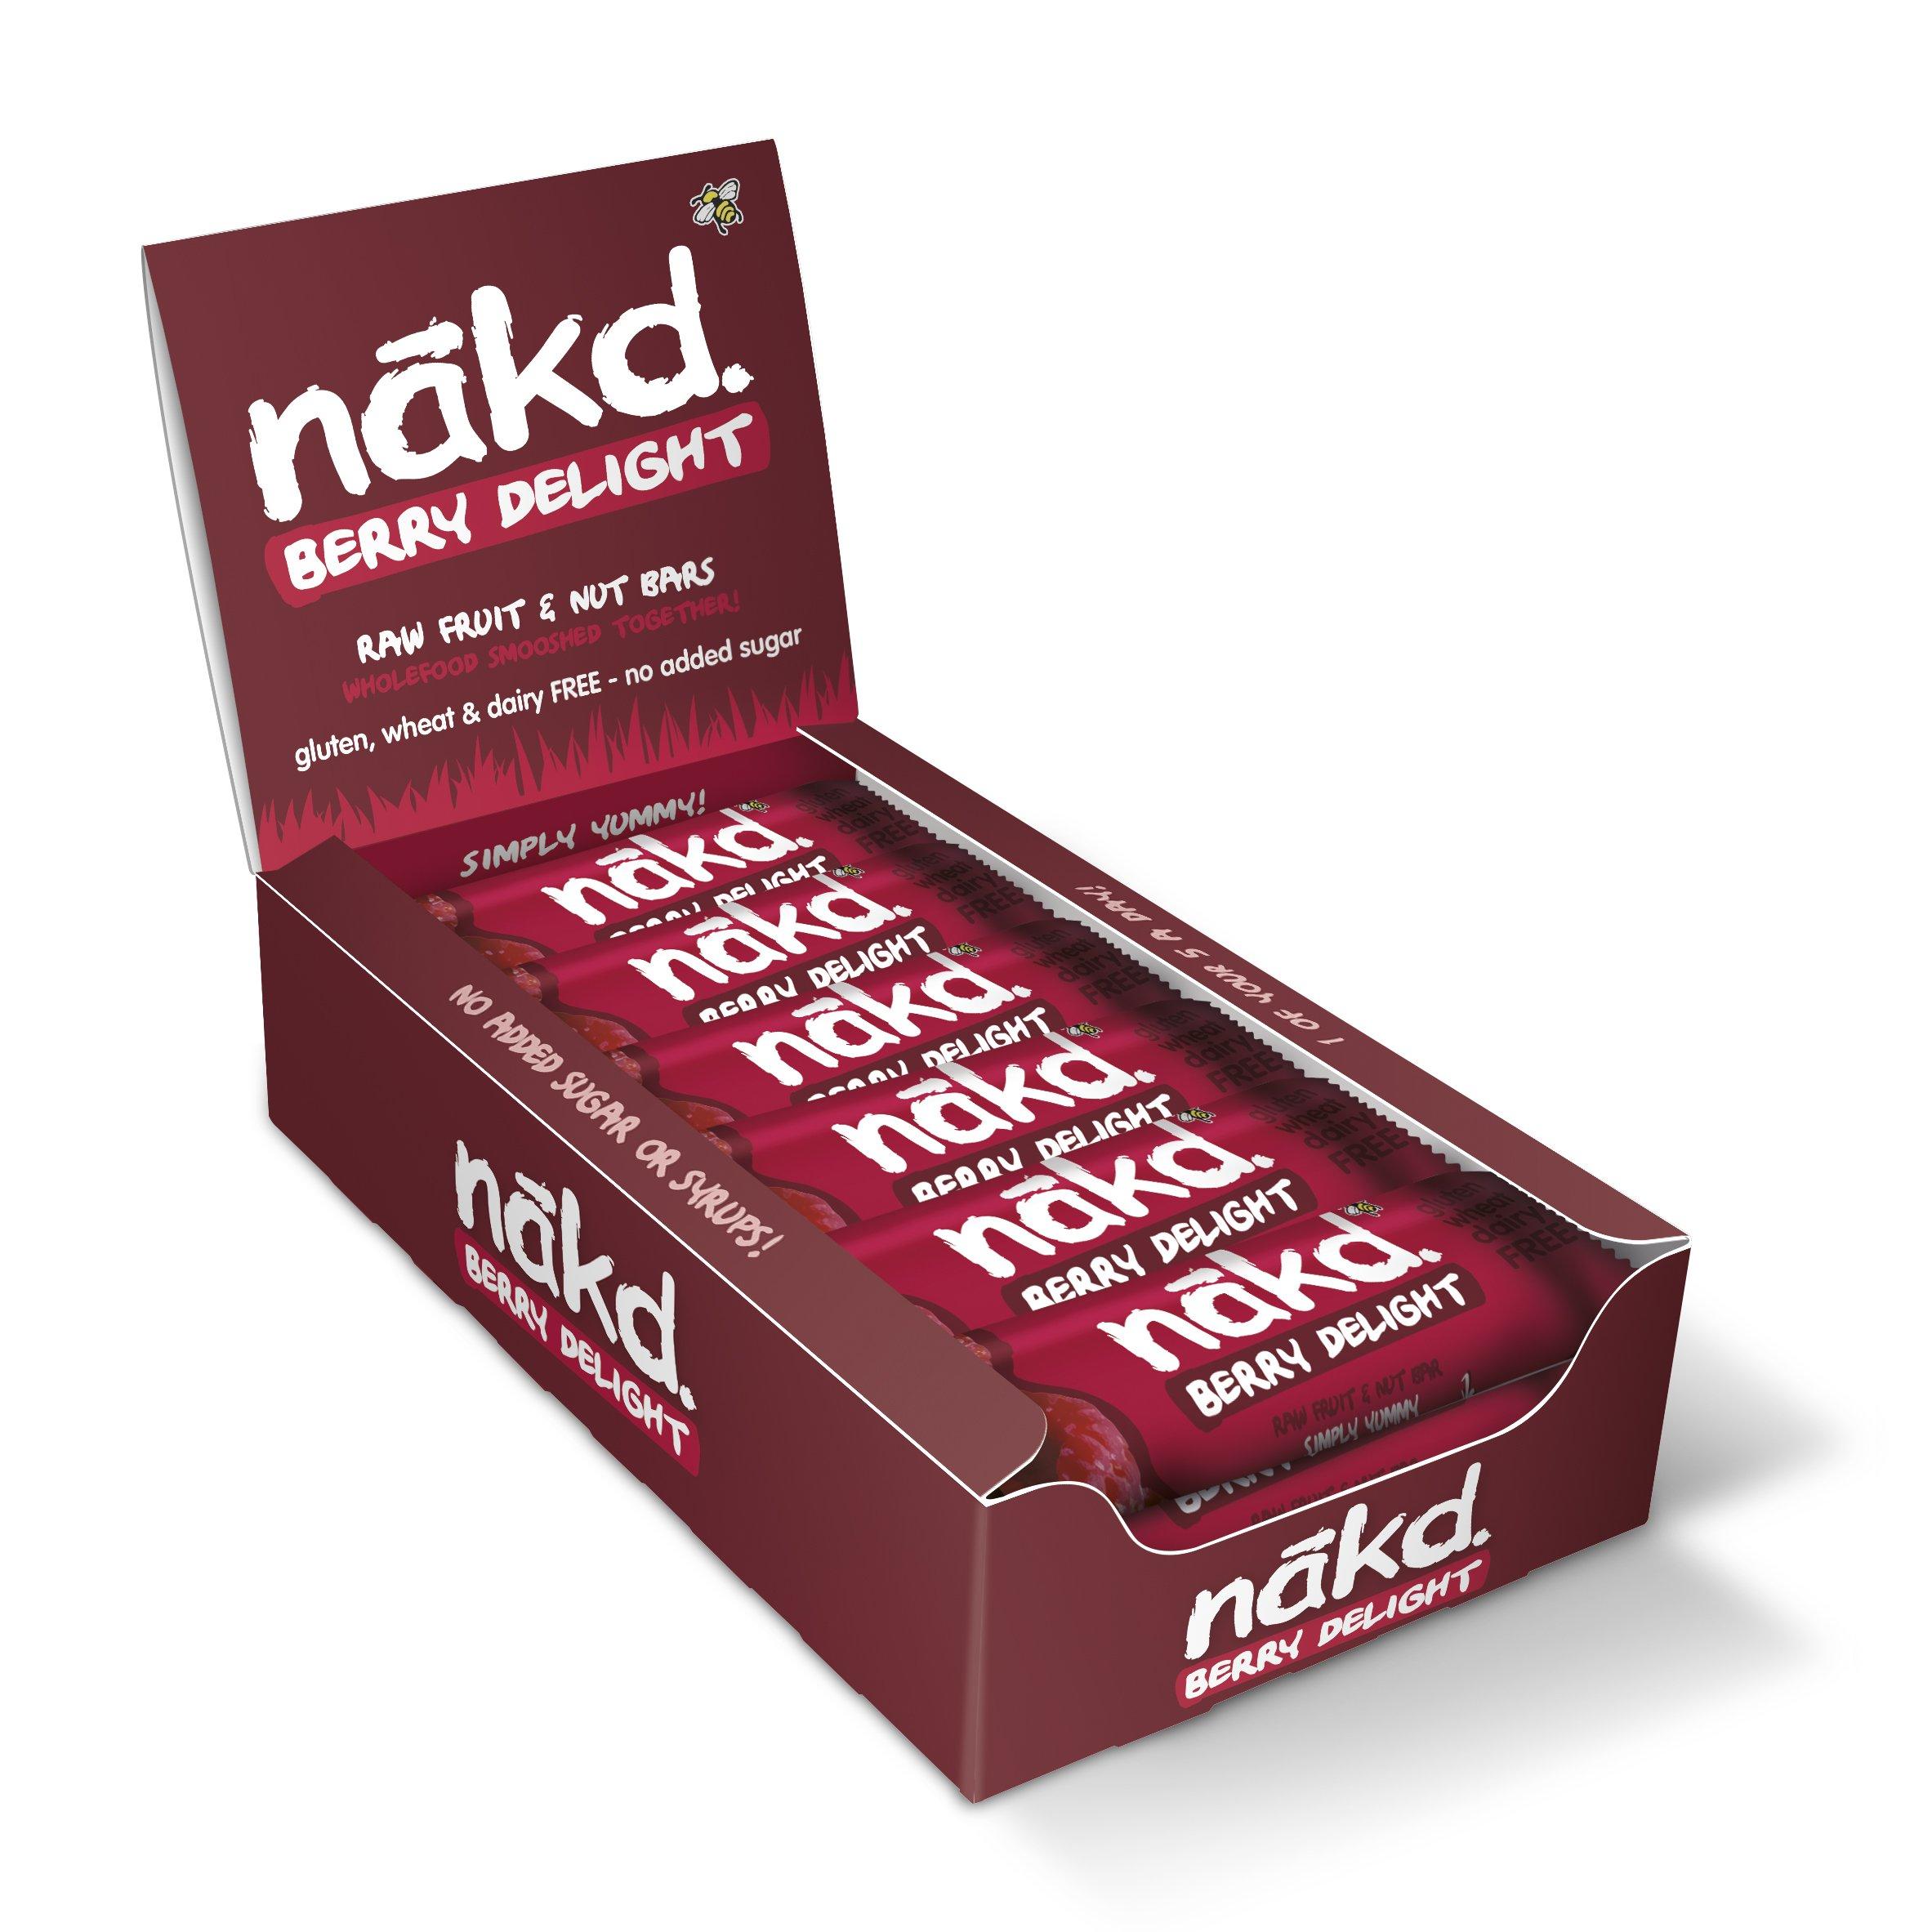 Nakd - Berry Delight Bar - 35g (Case of 18)